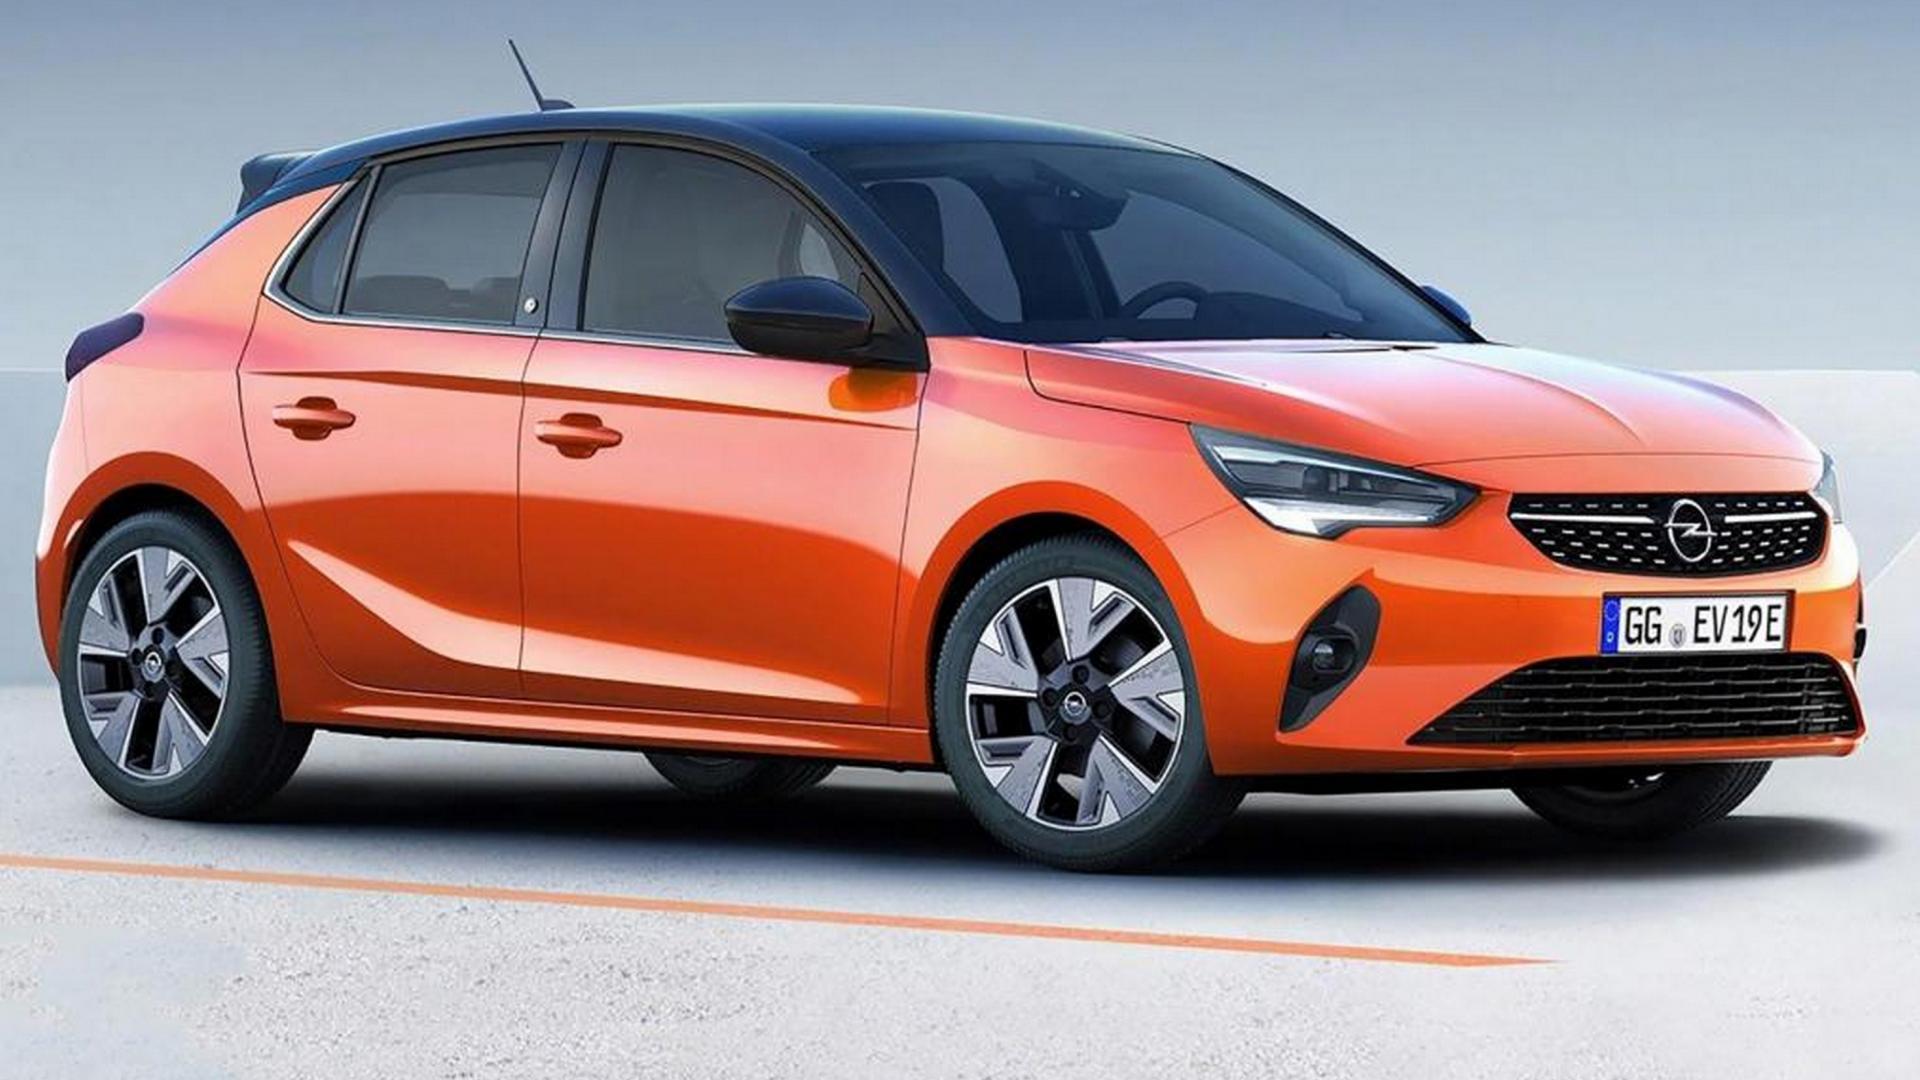 Opel Corsa elettrica, finalmente in Italia